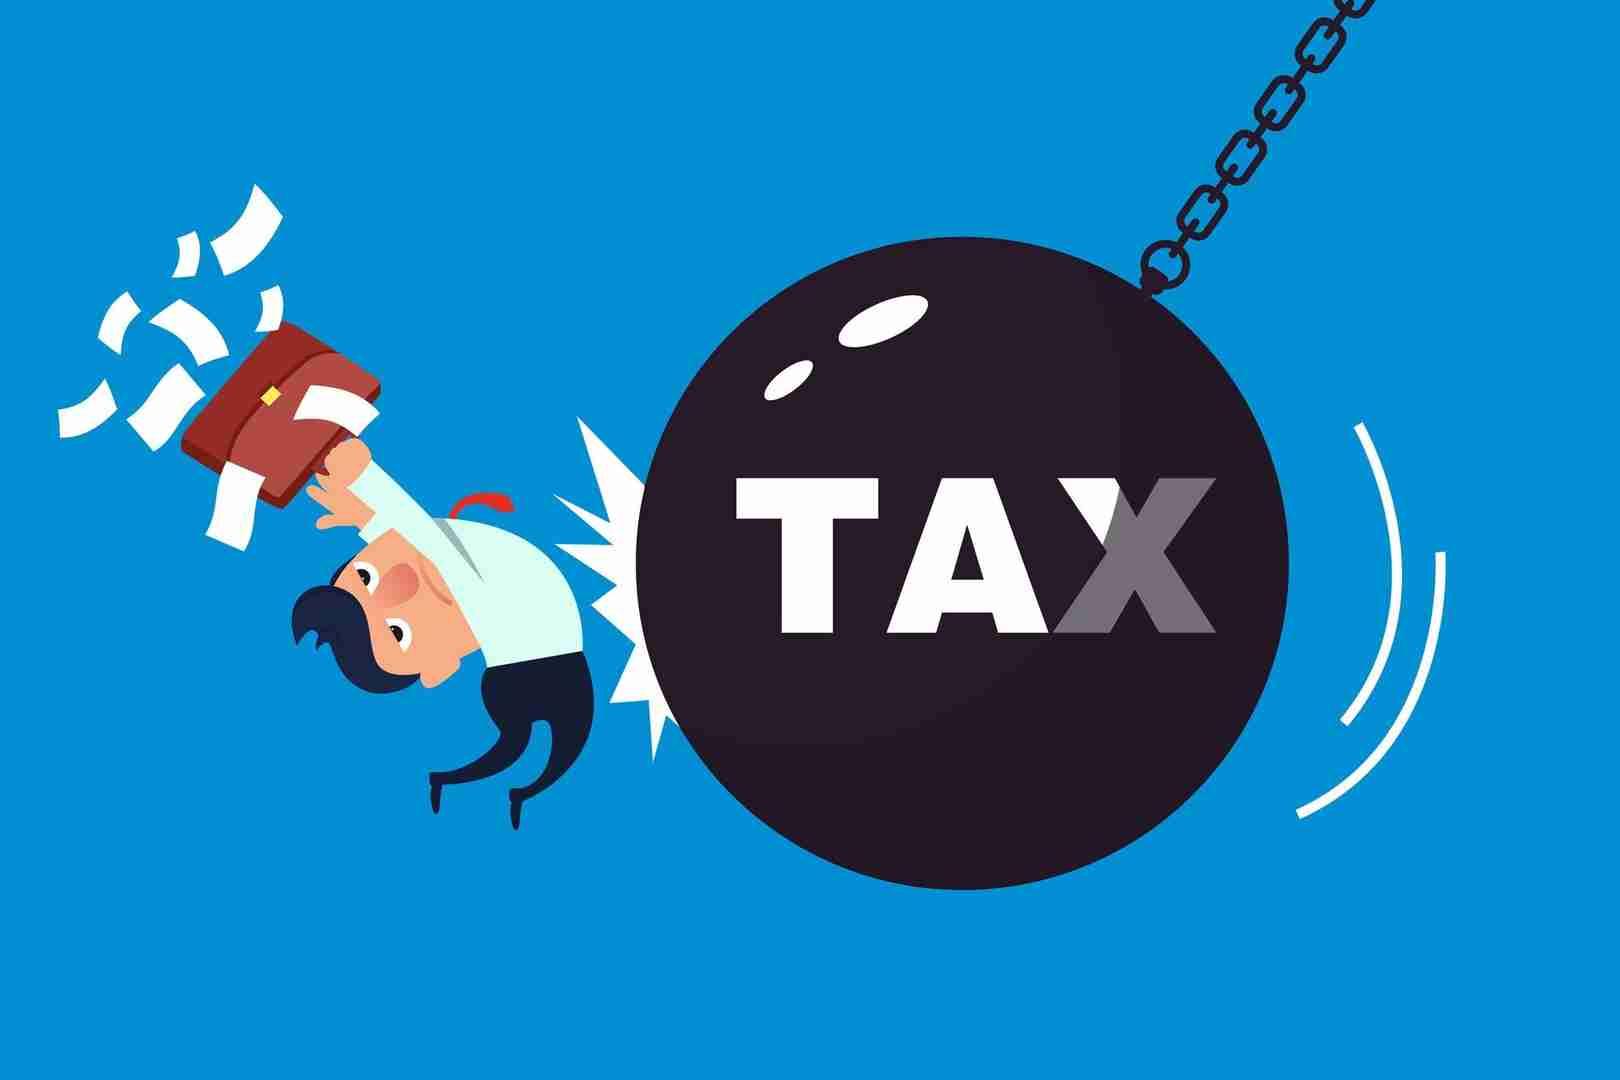 税务审计正在增加。这就是为什么你不应该抓狂。